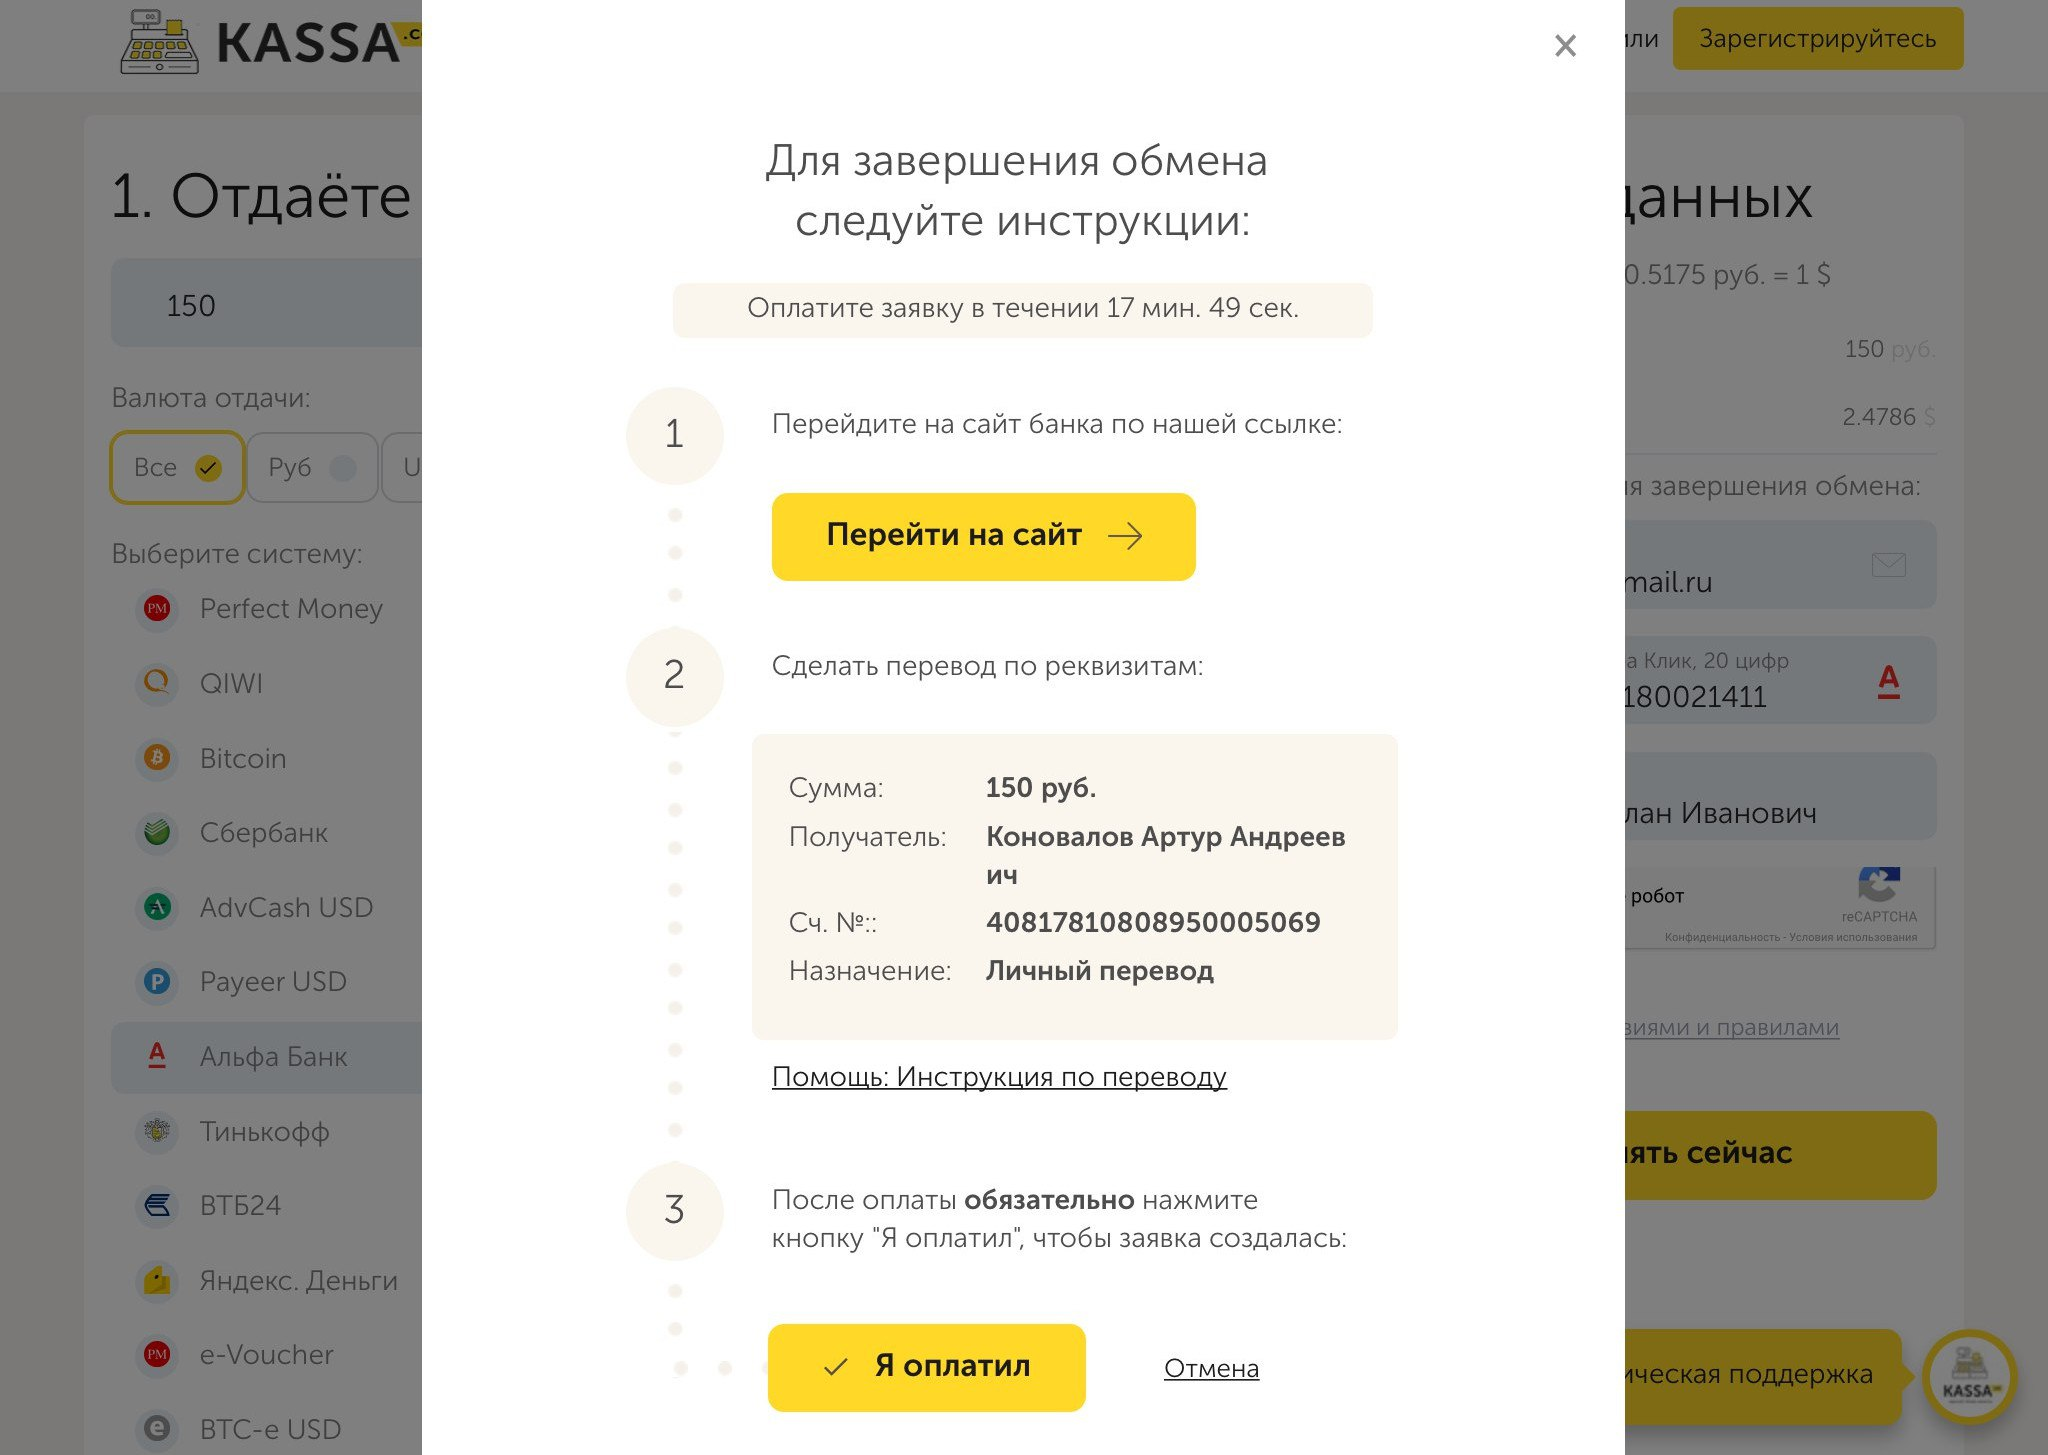 Kassa.cc - единый обмен валюты. Перевод с карты Альфа-Банк на PM e-Voucher USD